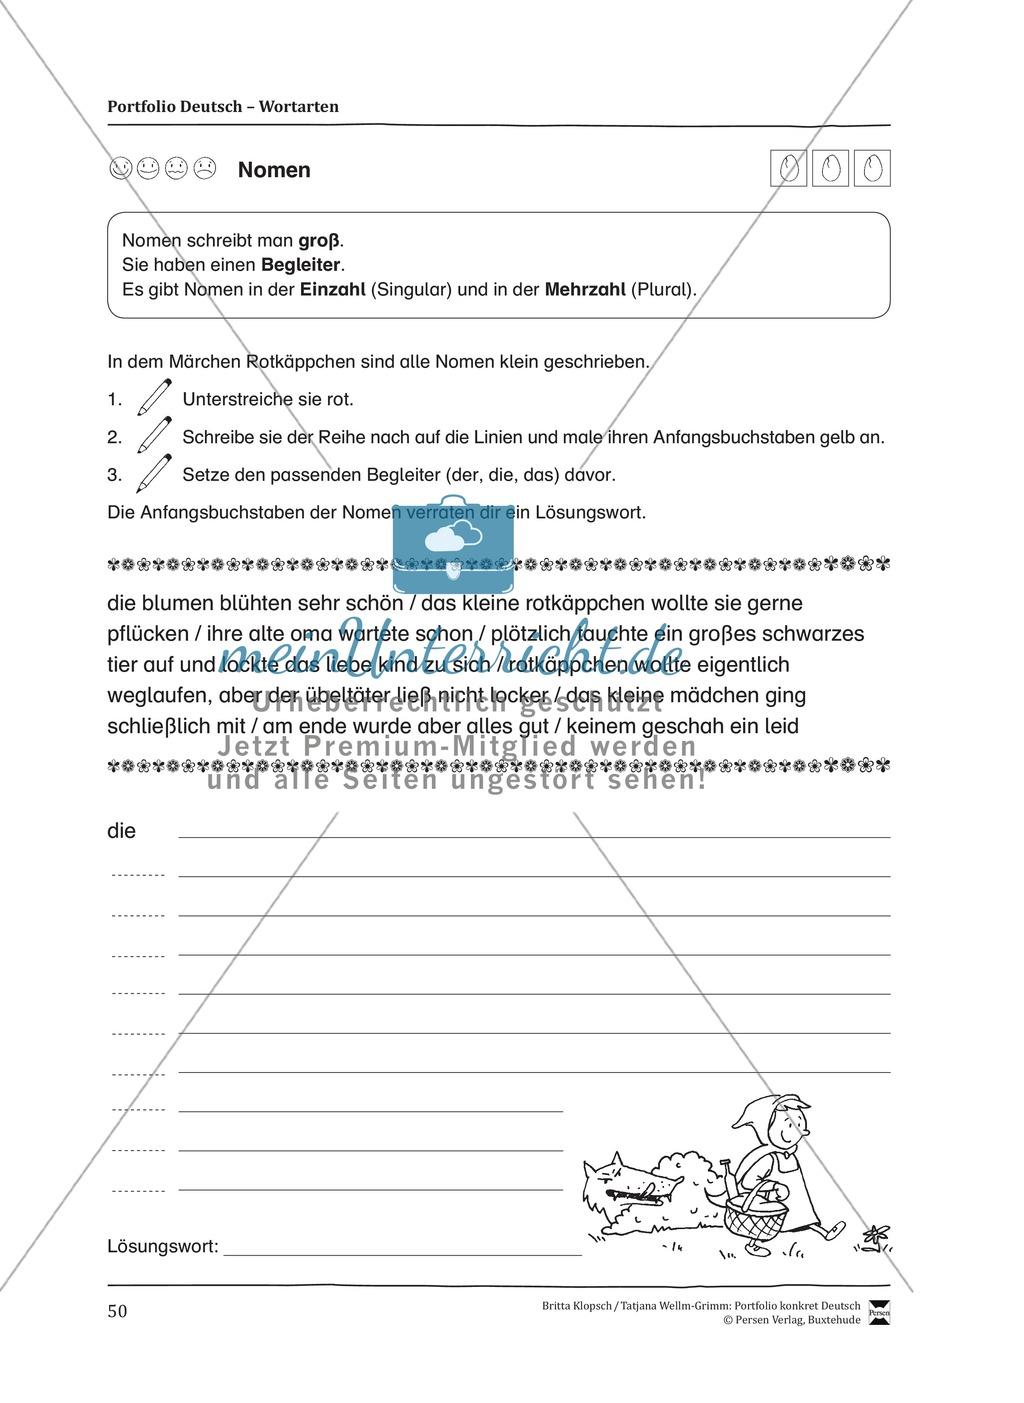 Kopiervorlagen für den Themenbereich Wortarten Preview 7